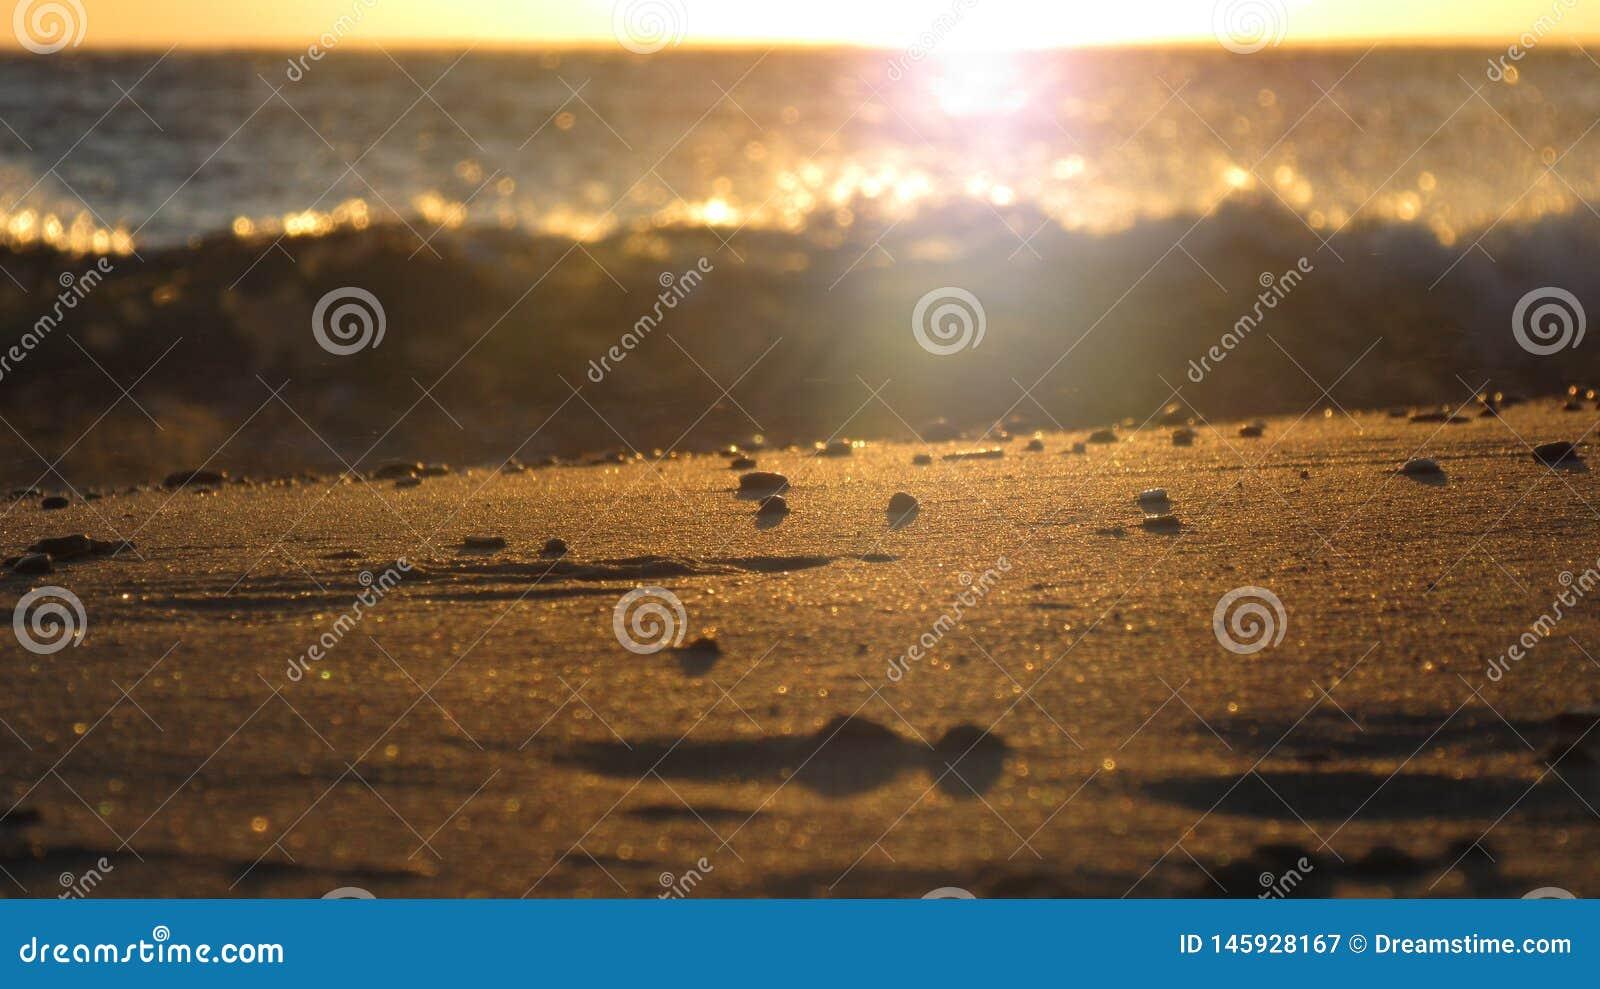 Ηλιοβασίλεμα στην Ελλάδα σε μια παραλία με την άμμο στο πρώτο πλάνο